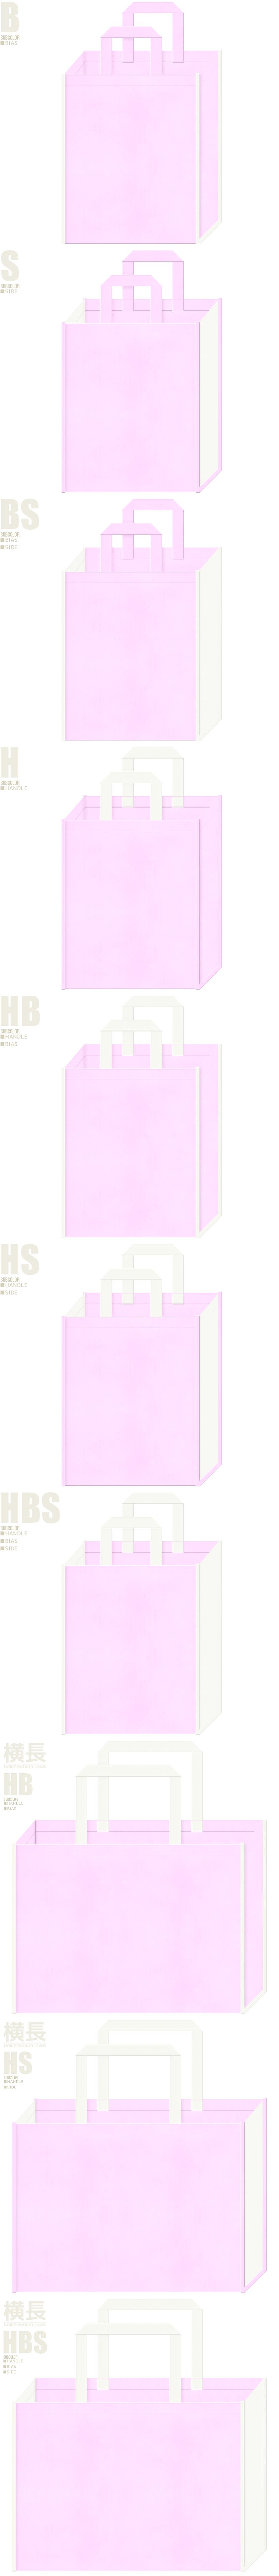 保育・福祉・介護・医療・ひな祭り・母の日・ブーケ・フラワーショップ・ウェディング・イチゴミルク・フラミンゴ・バタフライ・ドリーム・プリンセス・シュガー・マシュマロ・うさぎ・ファンシー・パステルカラー・ガーリーデザインにお奨めの不織布バッグデザイン:明るいピンク色とオフホワイト色の配色7パターン。